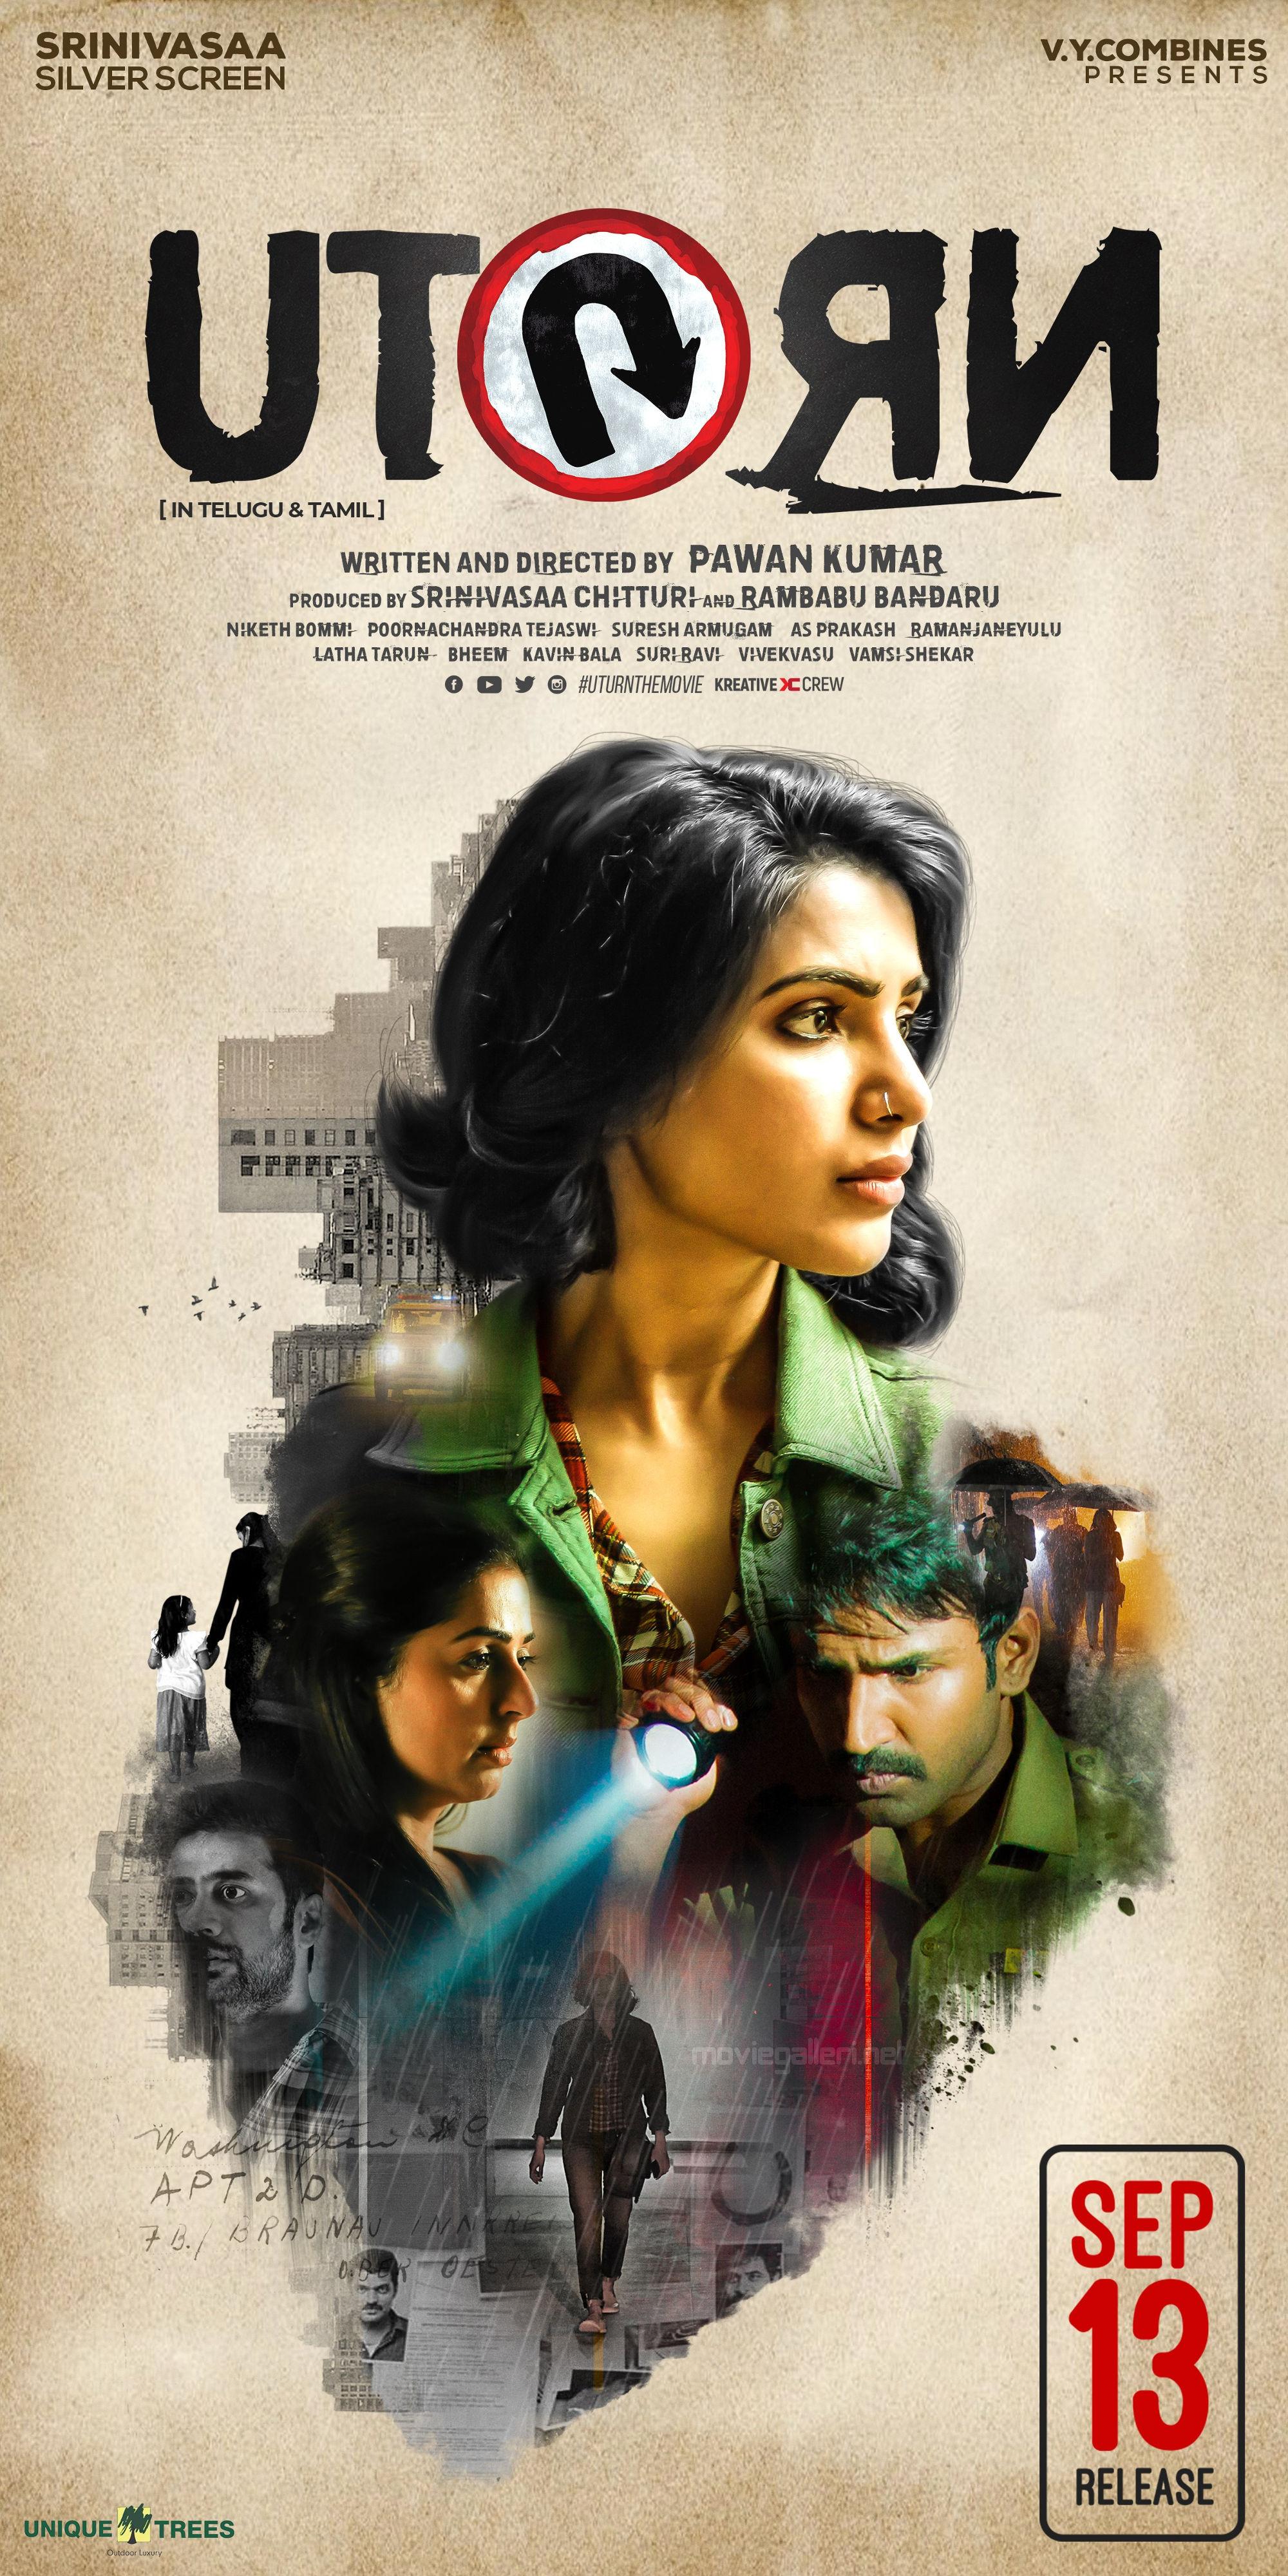 Samantha Bhumika Aadhi U Turn Movie Release Date Sept 13 Poster HD